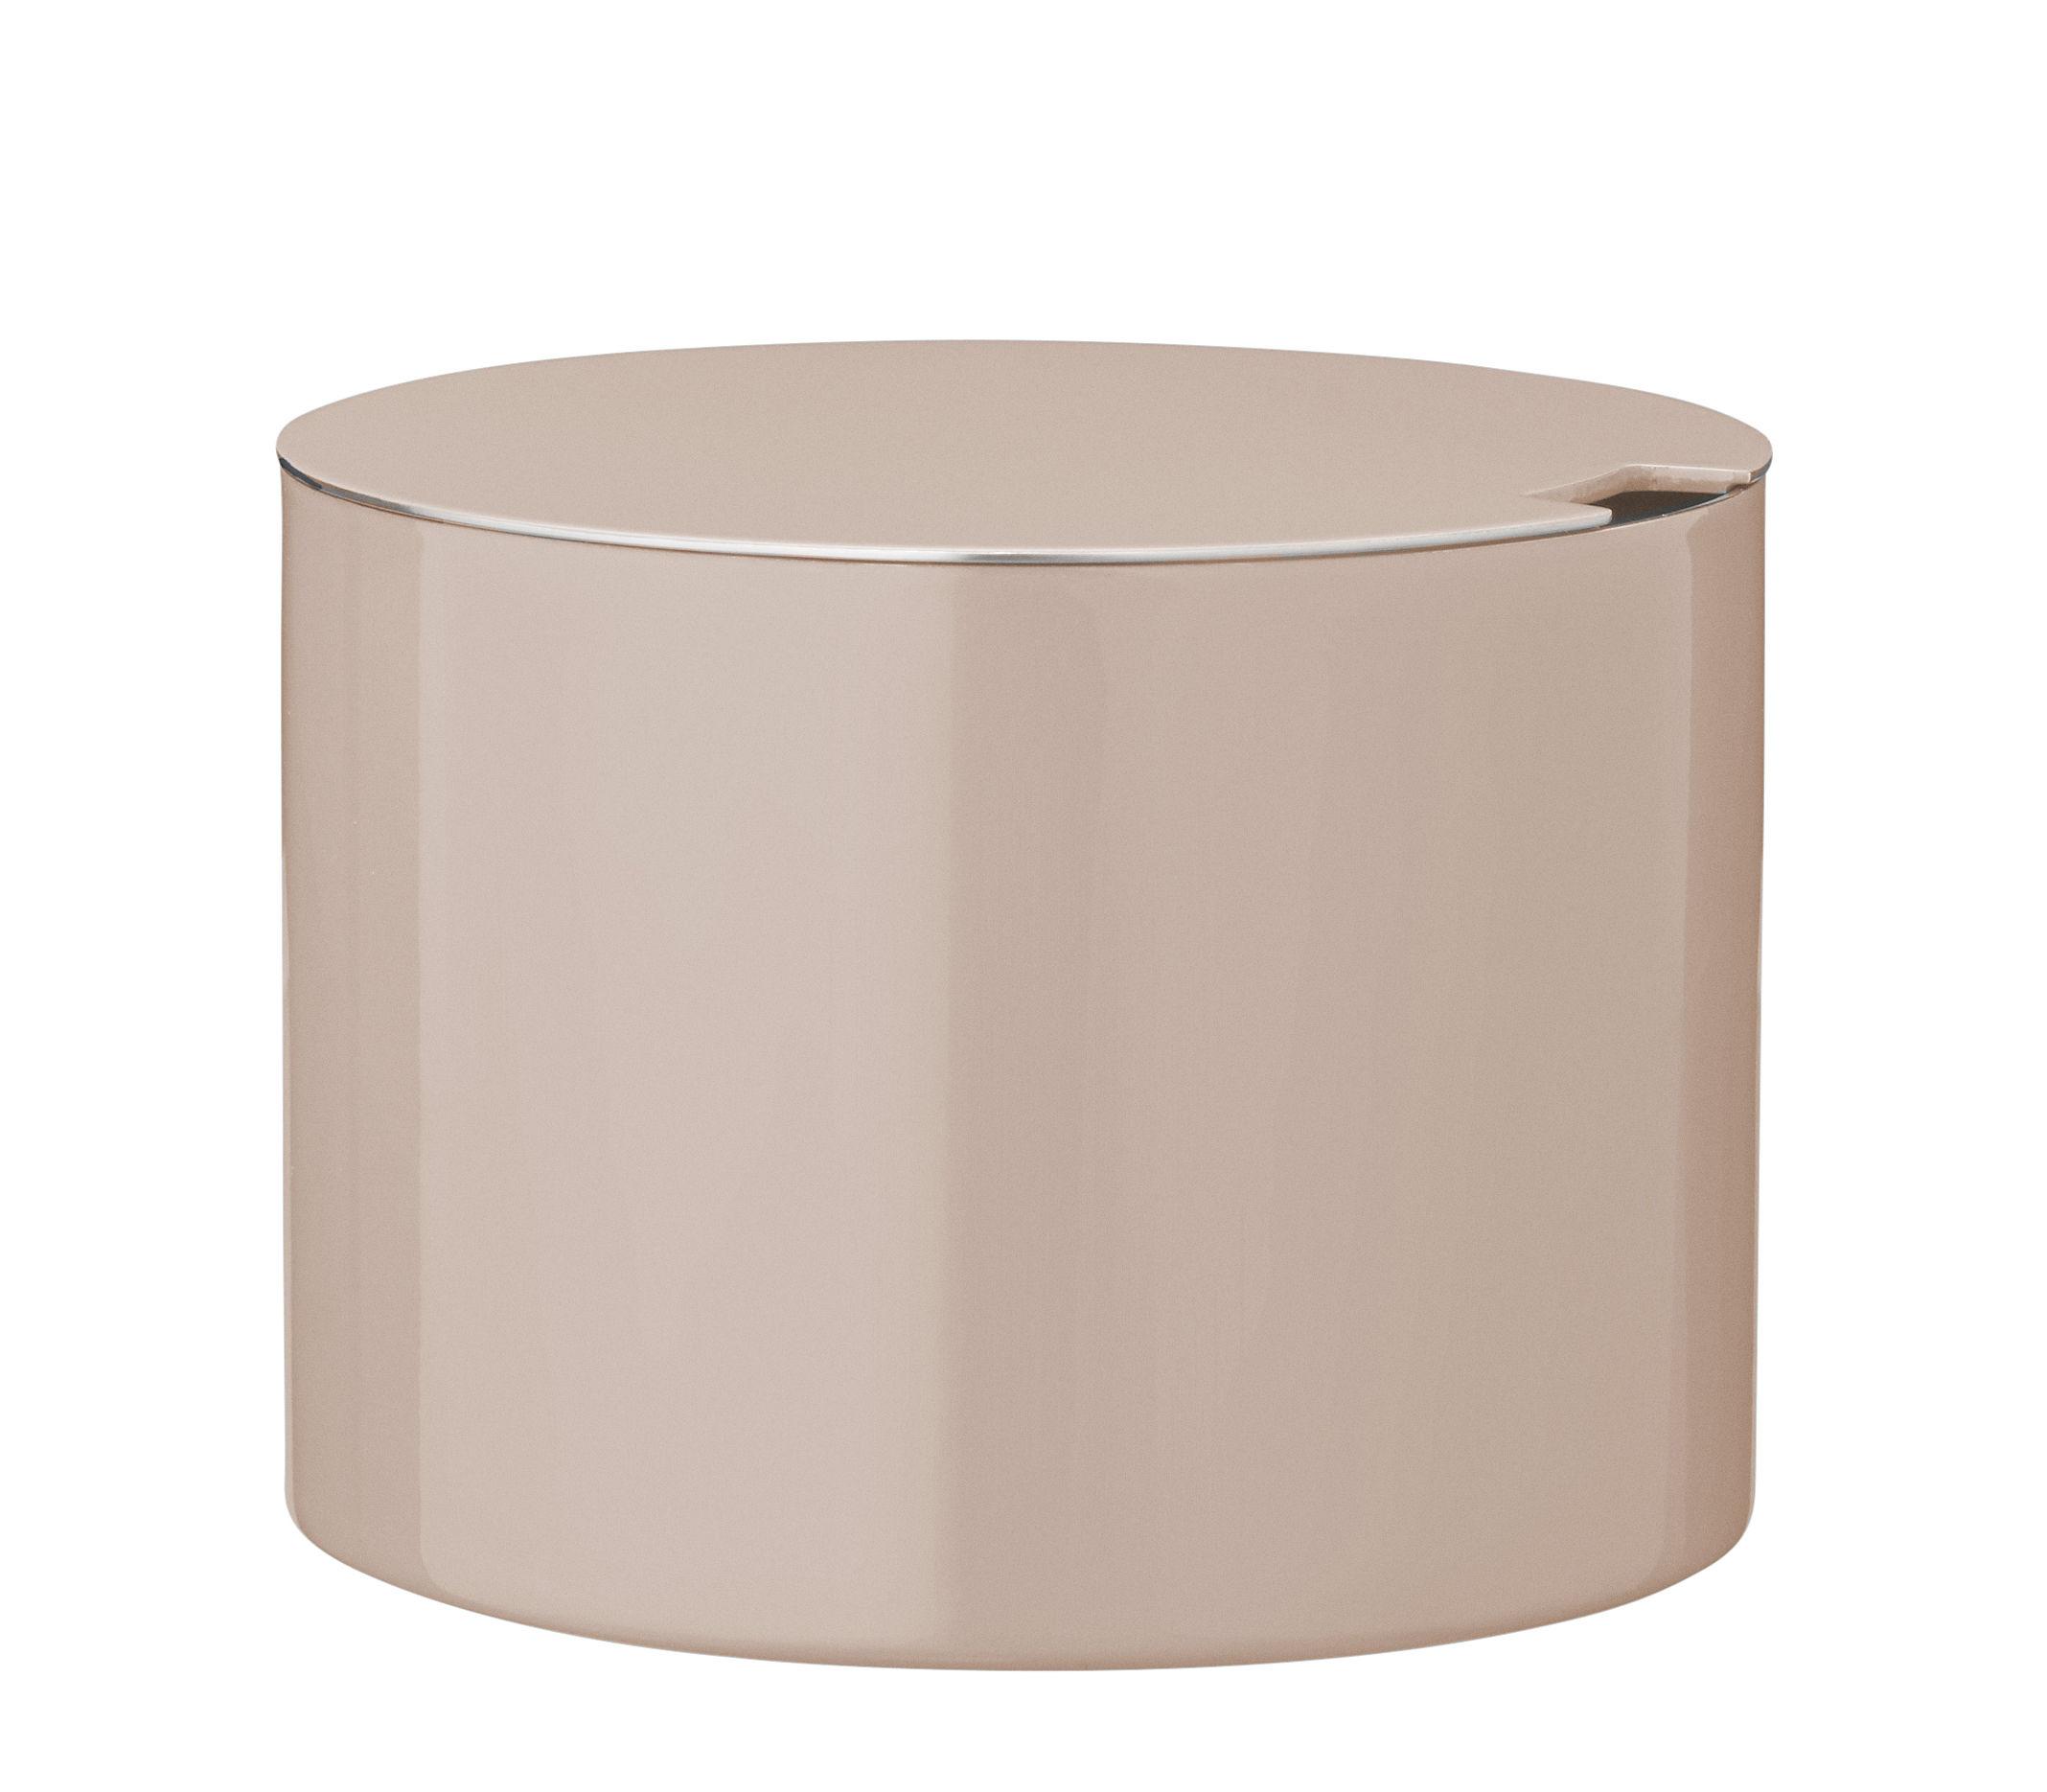 Cuisine - Sucriers, crémiers - Sucrier Cylinda-Line / Arne Jacobsen, 1967 - Stelton - Rose poudré - Acier inoxydable émaillé